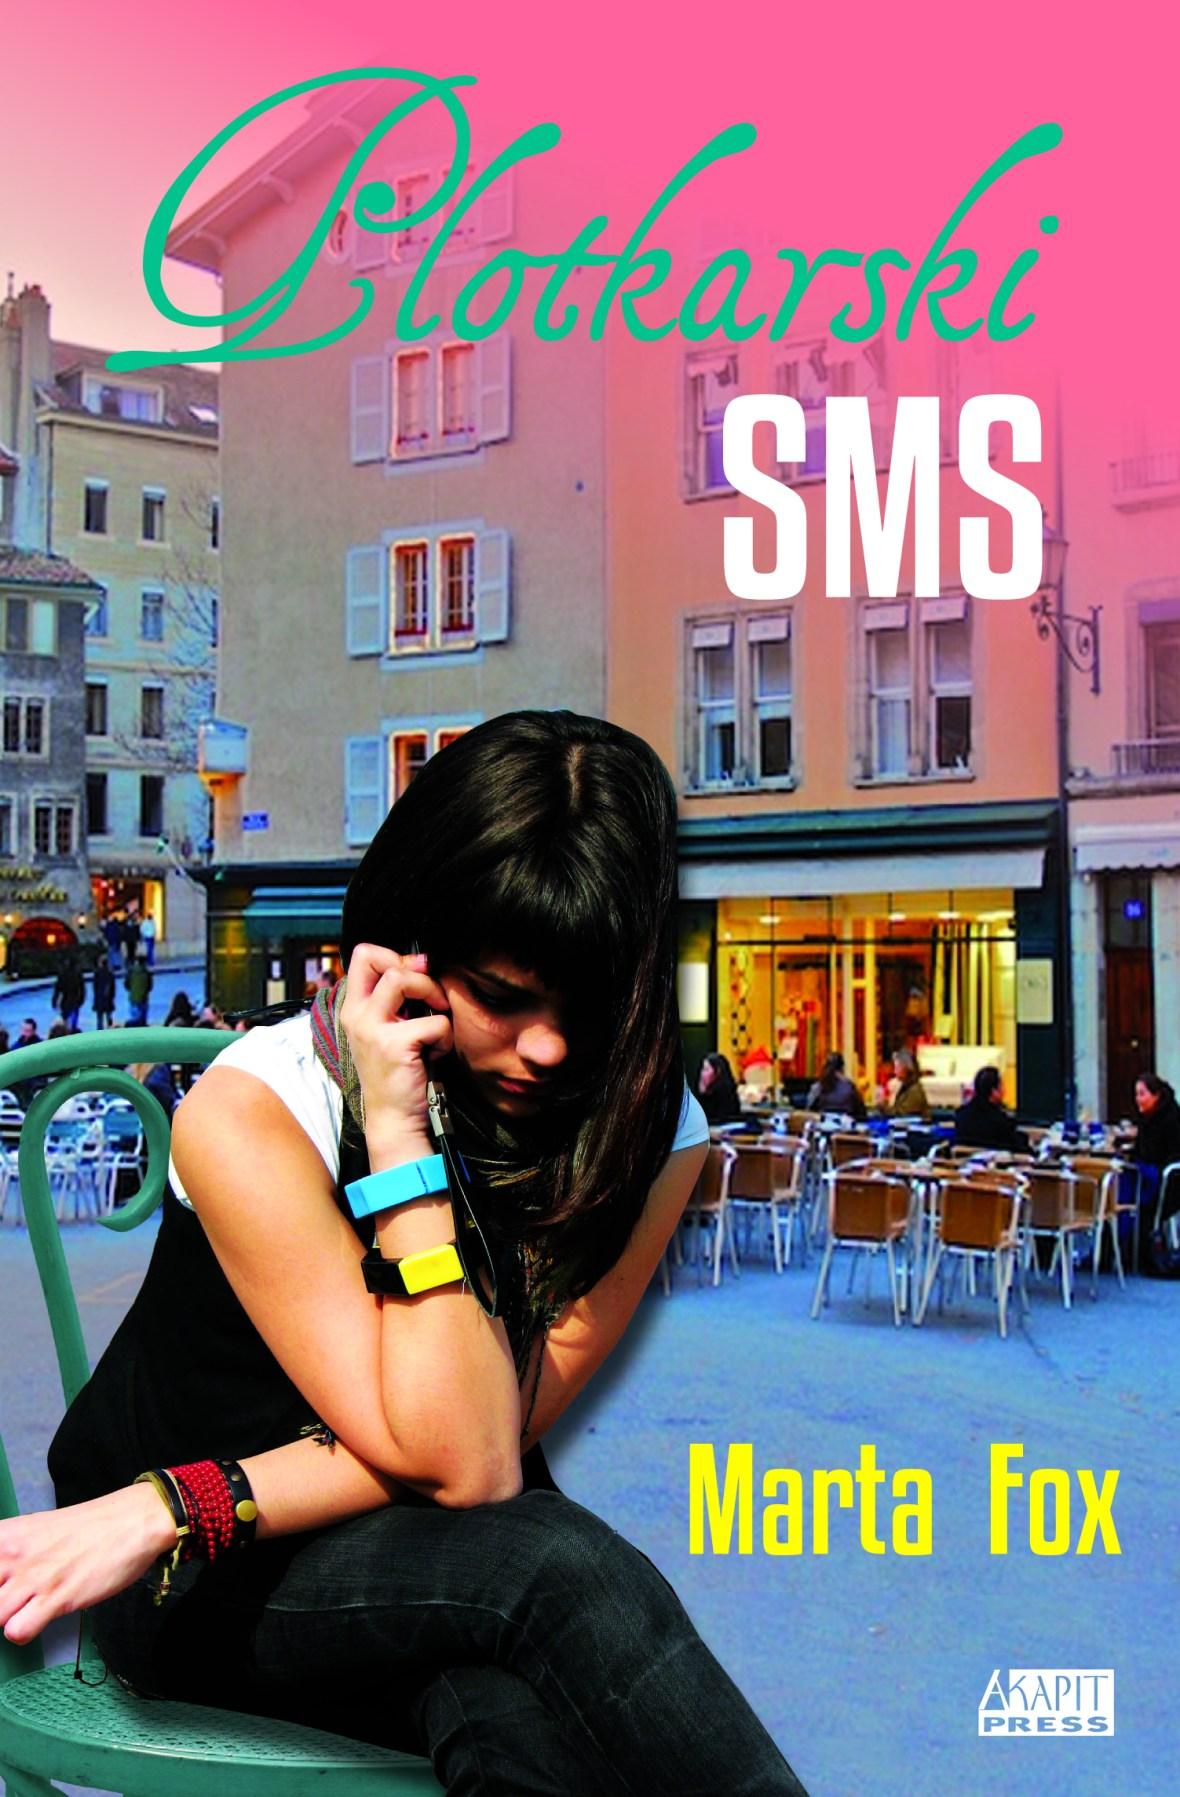 Plotkarski SMS_300 dpi